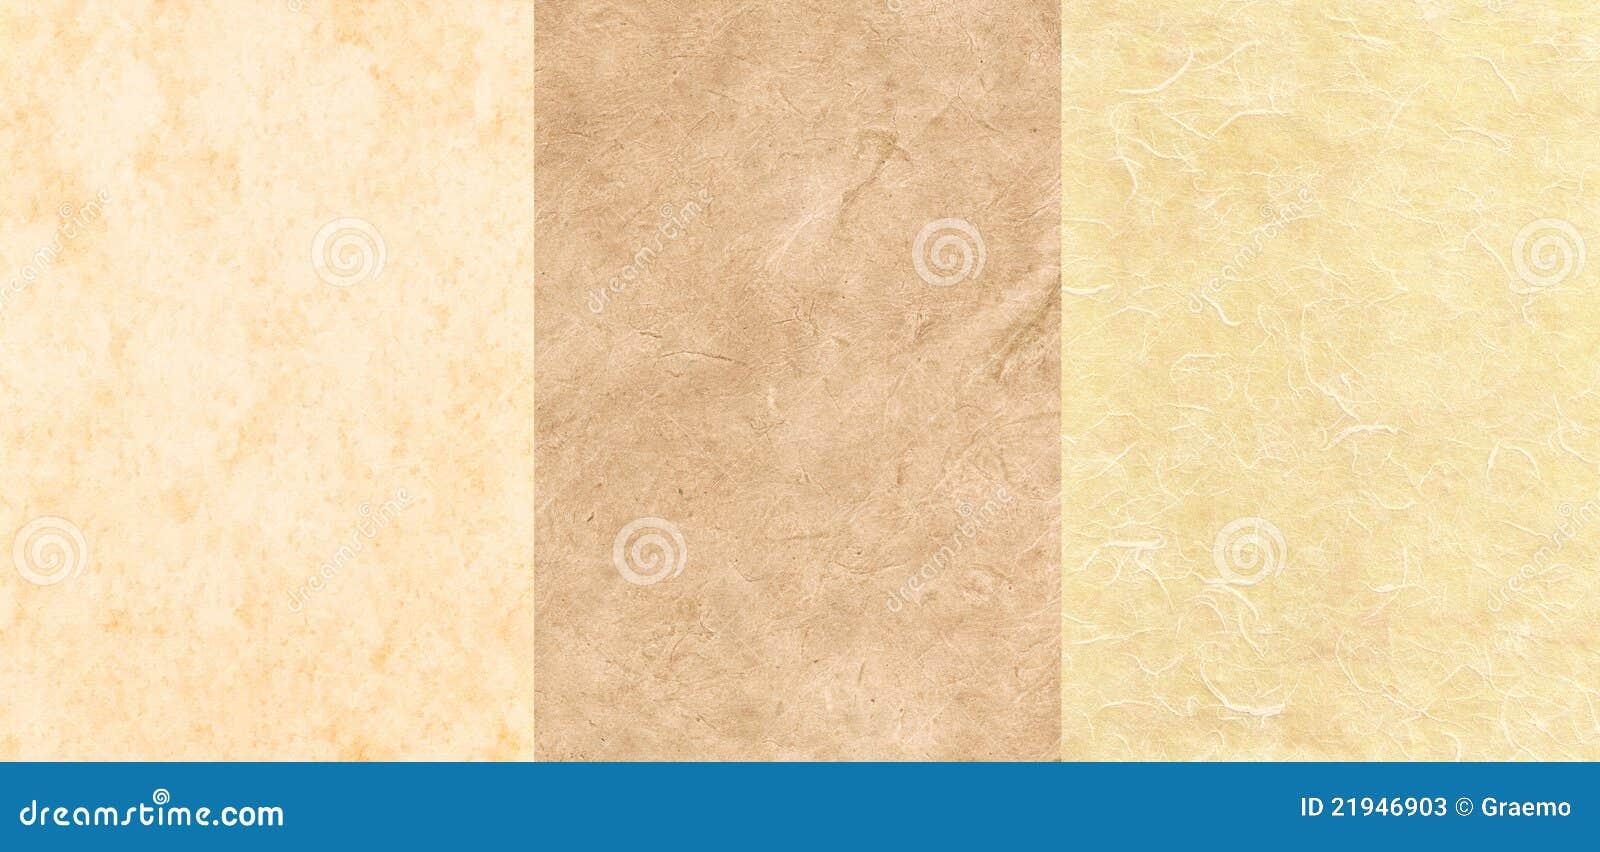 Conjunto de 3 texturas del pergamino